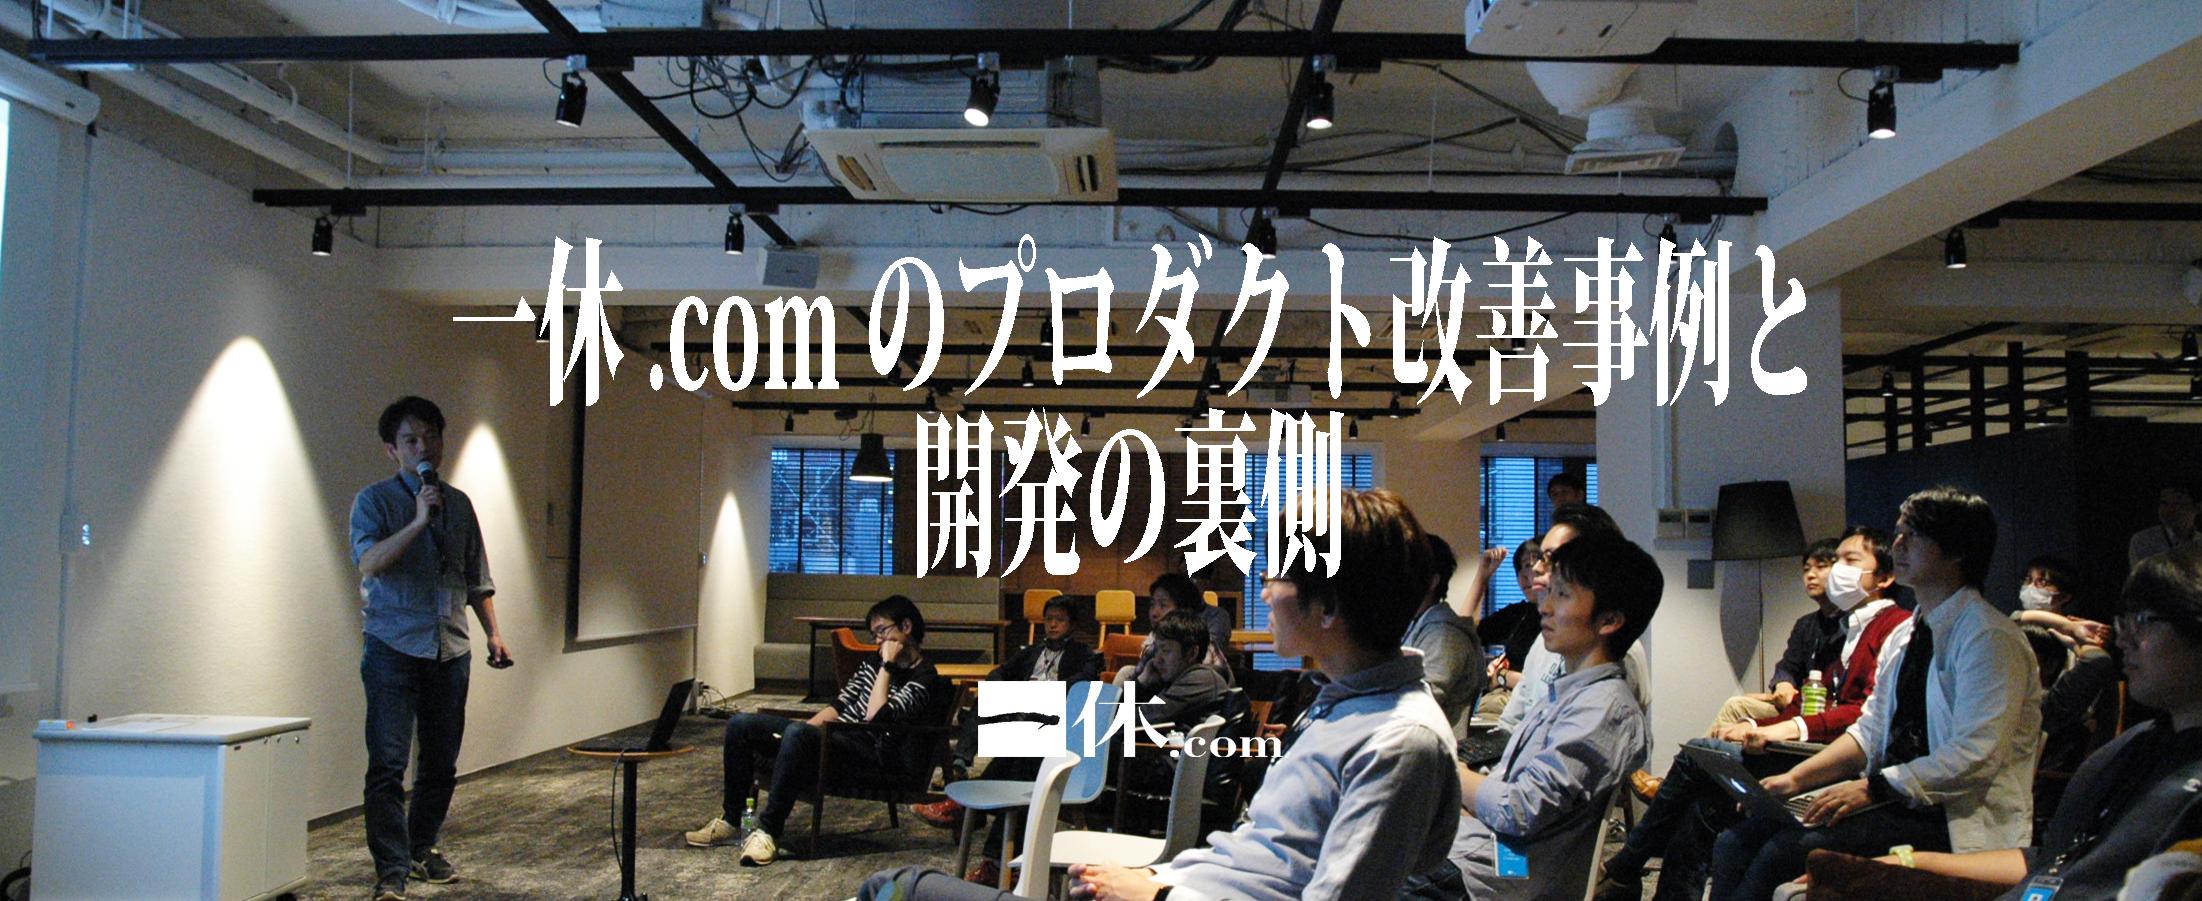 【勉強会/会社説明】1月29日(水)19:30~ 一休.comのプロダクト改善事例と開発の裏側【.NET】